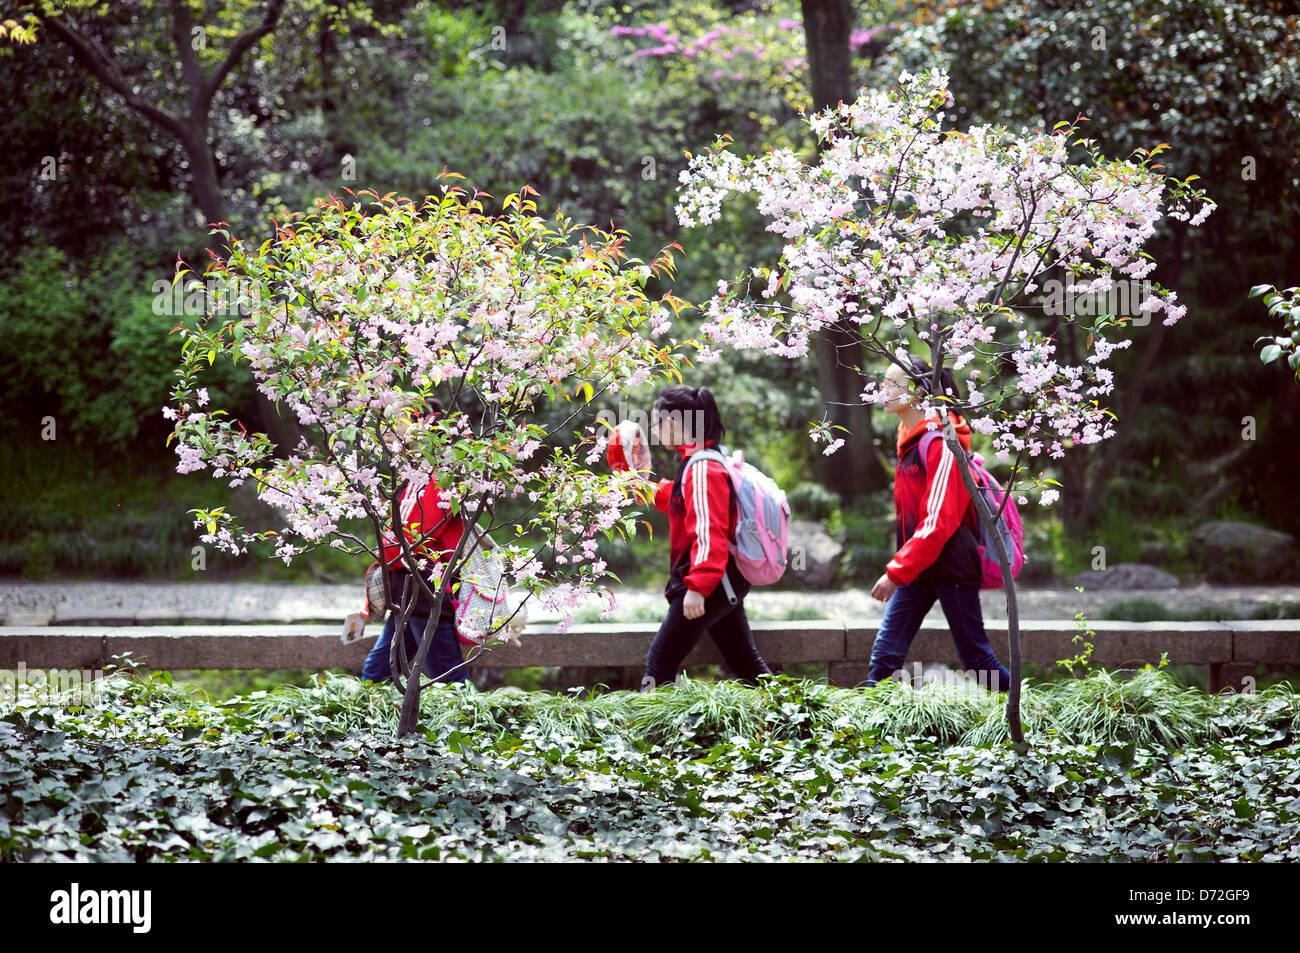 La scuola dei bambini visitando l'Humble Administrator's Garden, Suzhou, Cina Immagini Stock